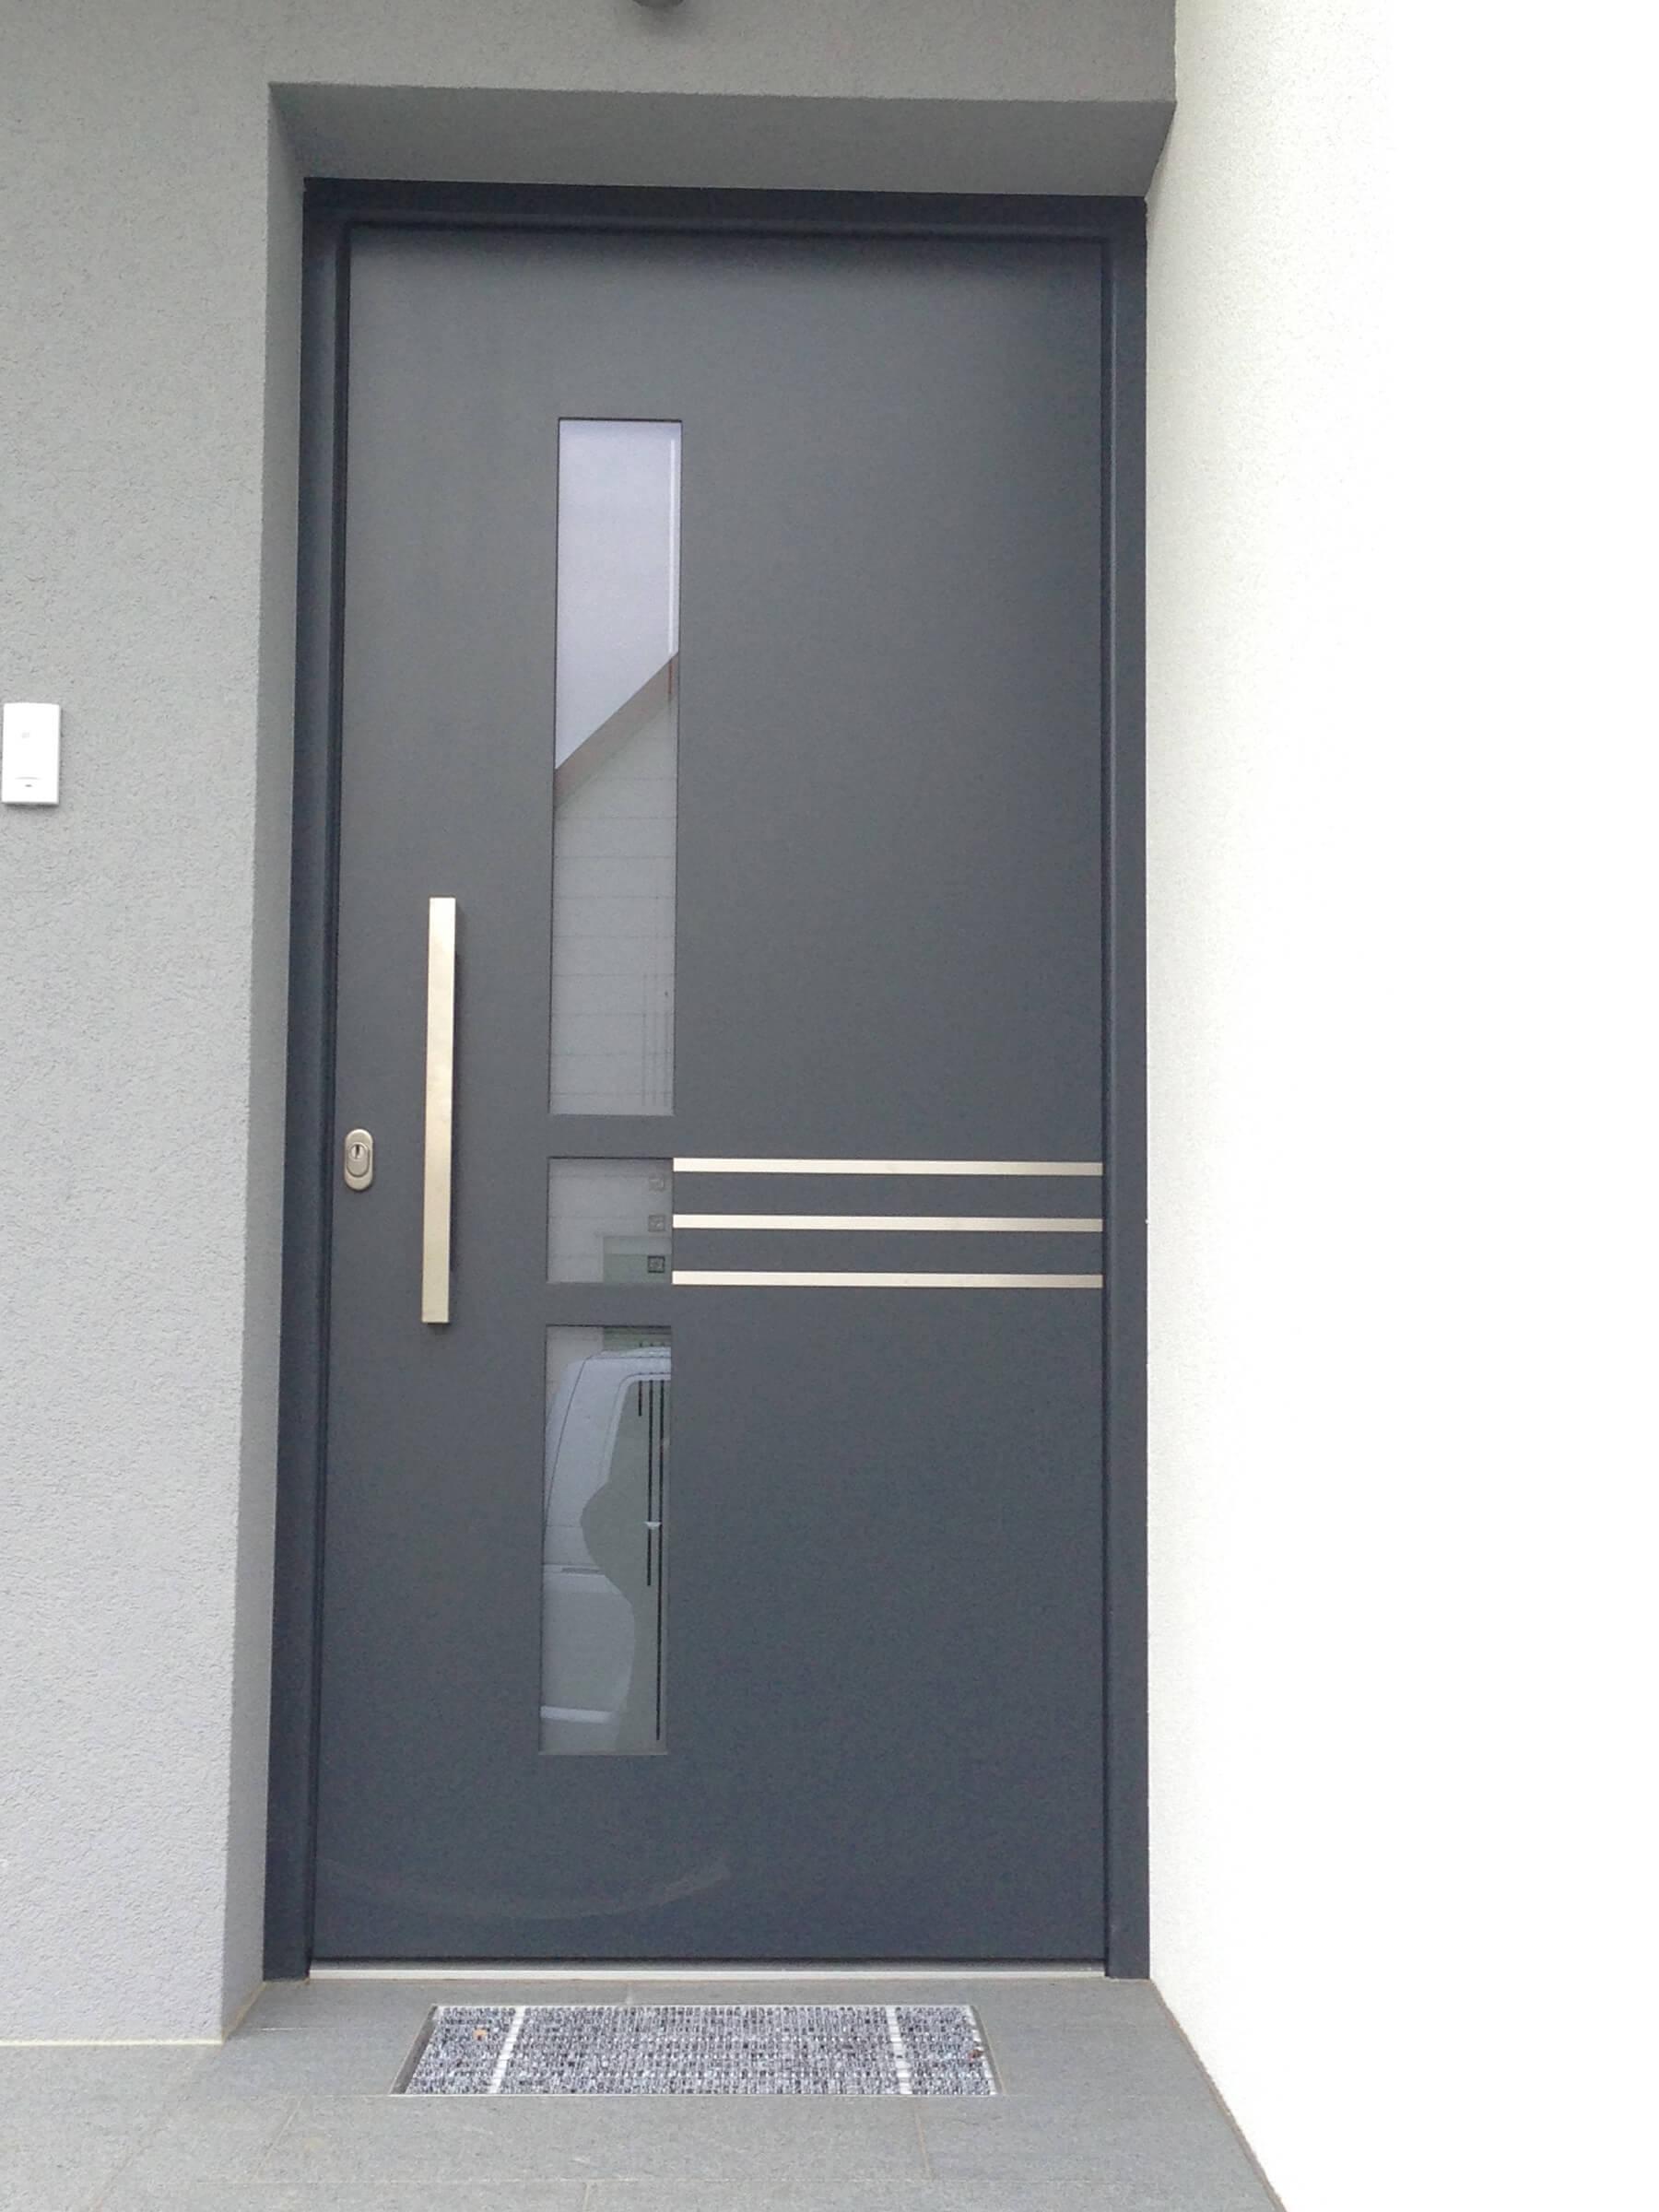 Full Size of Velux Scharnier Dreh Kipp Fenster Wintergarten Kunststoff Mit In Wei Veka Preise Einbauen Ersatzteile Kaufen Rollo Wohnzimmer Velux Scharnier